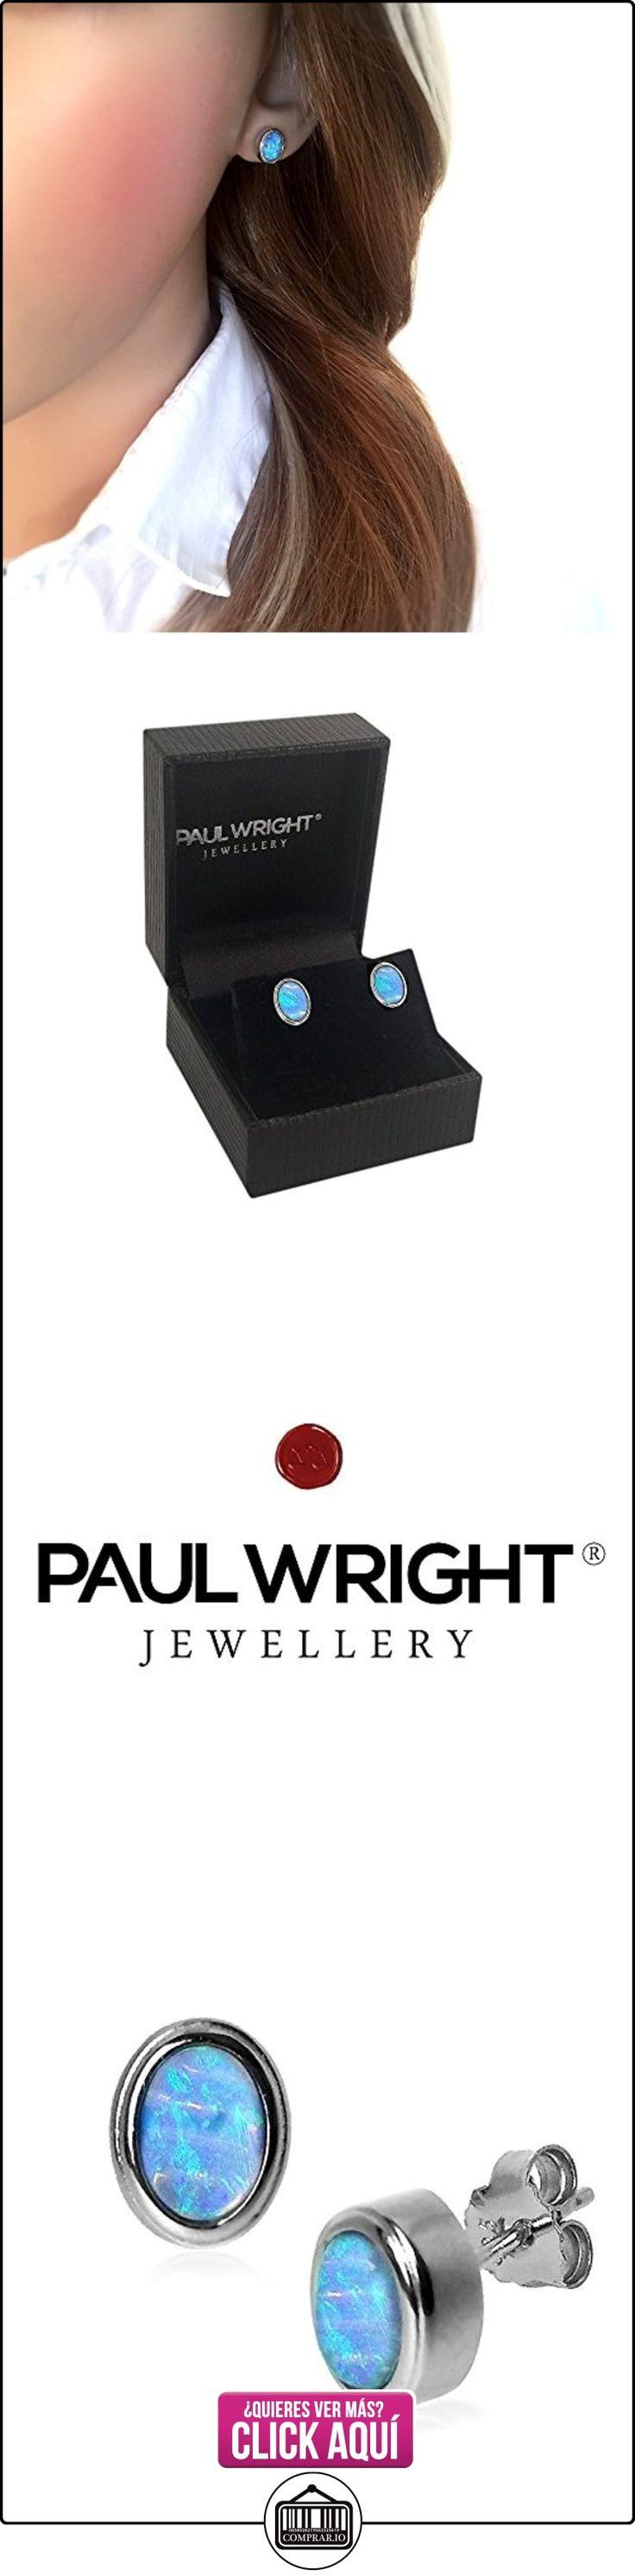 Pendientes ovalados de ópalo azul en plata de ley. Muy buena calidad, en una caja de presentación.  ✿ Joyas para mujer - Las mejores ofertas ✿ ▬► Ver oferta: https://comprar.io/goto/B007V92LGE